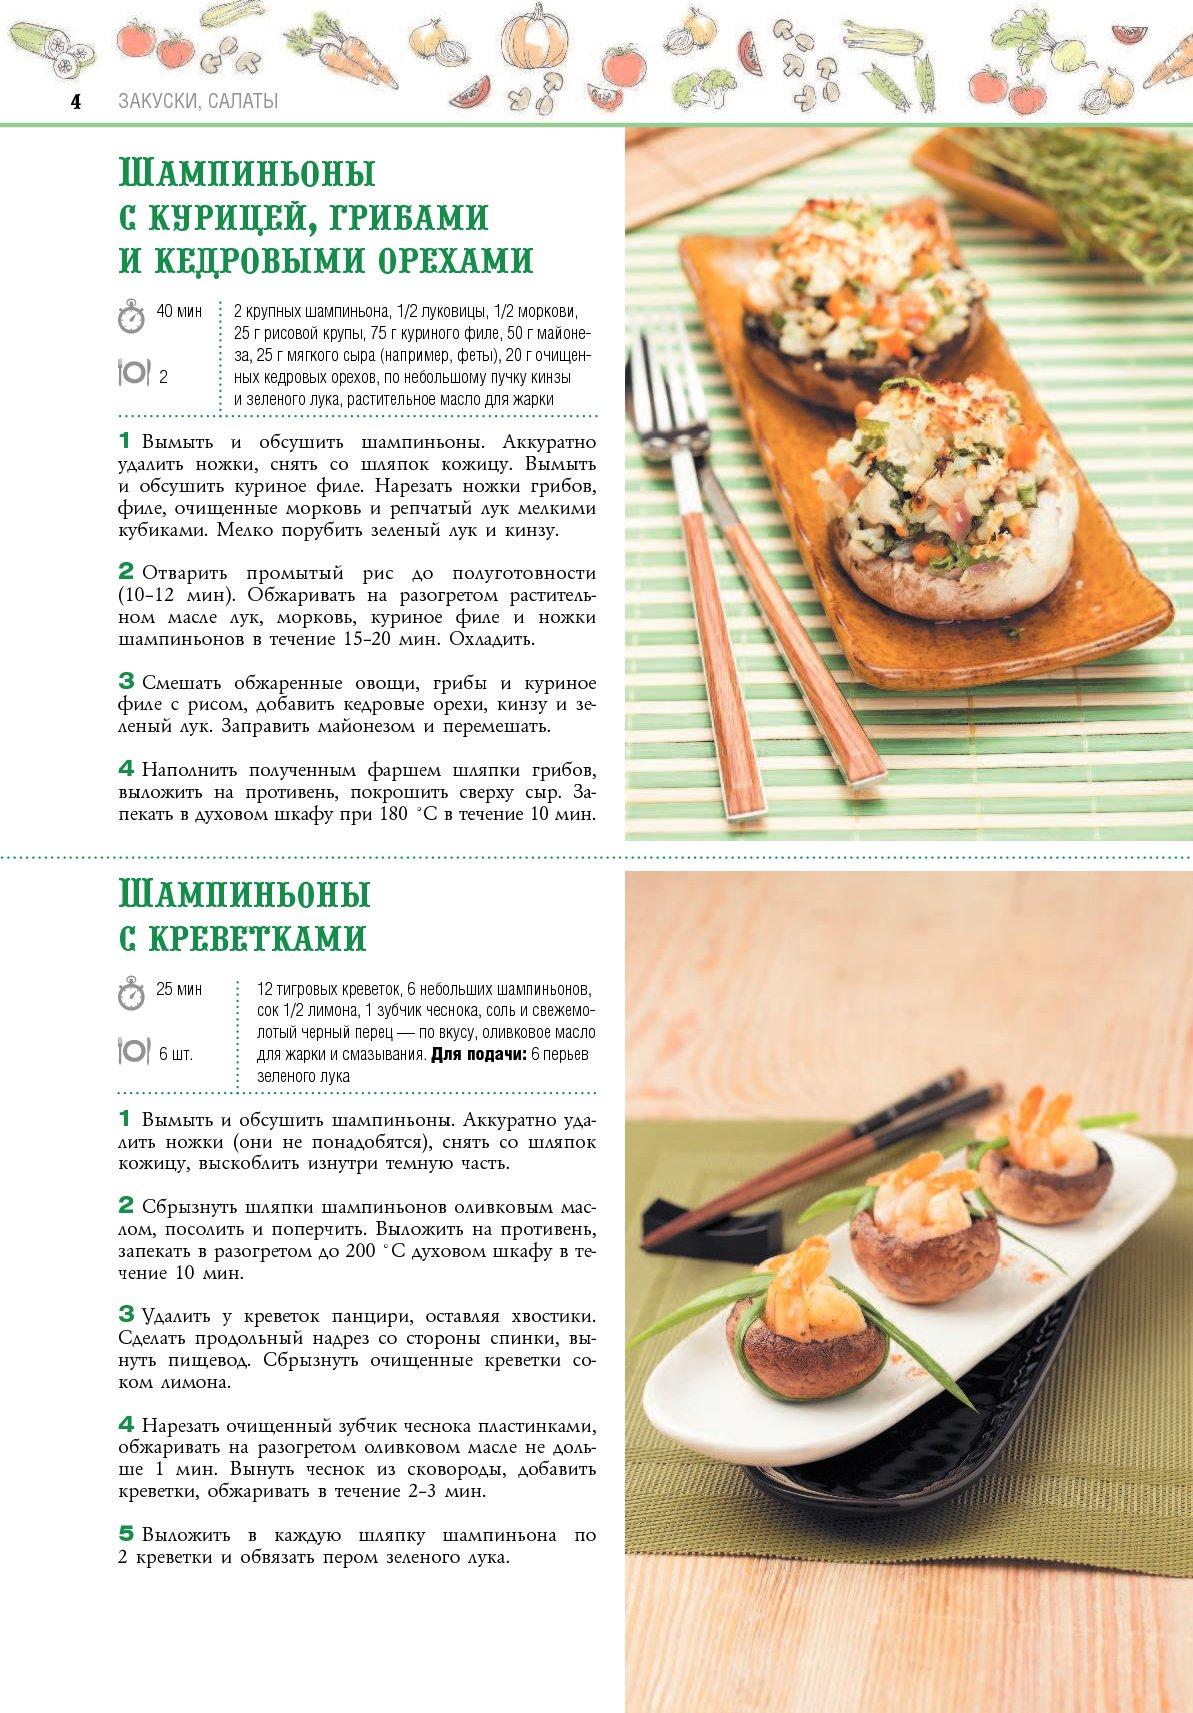 могут кулинарные рецепты с картинками них даже имеют